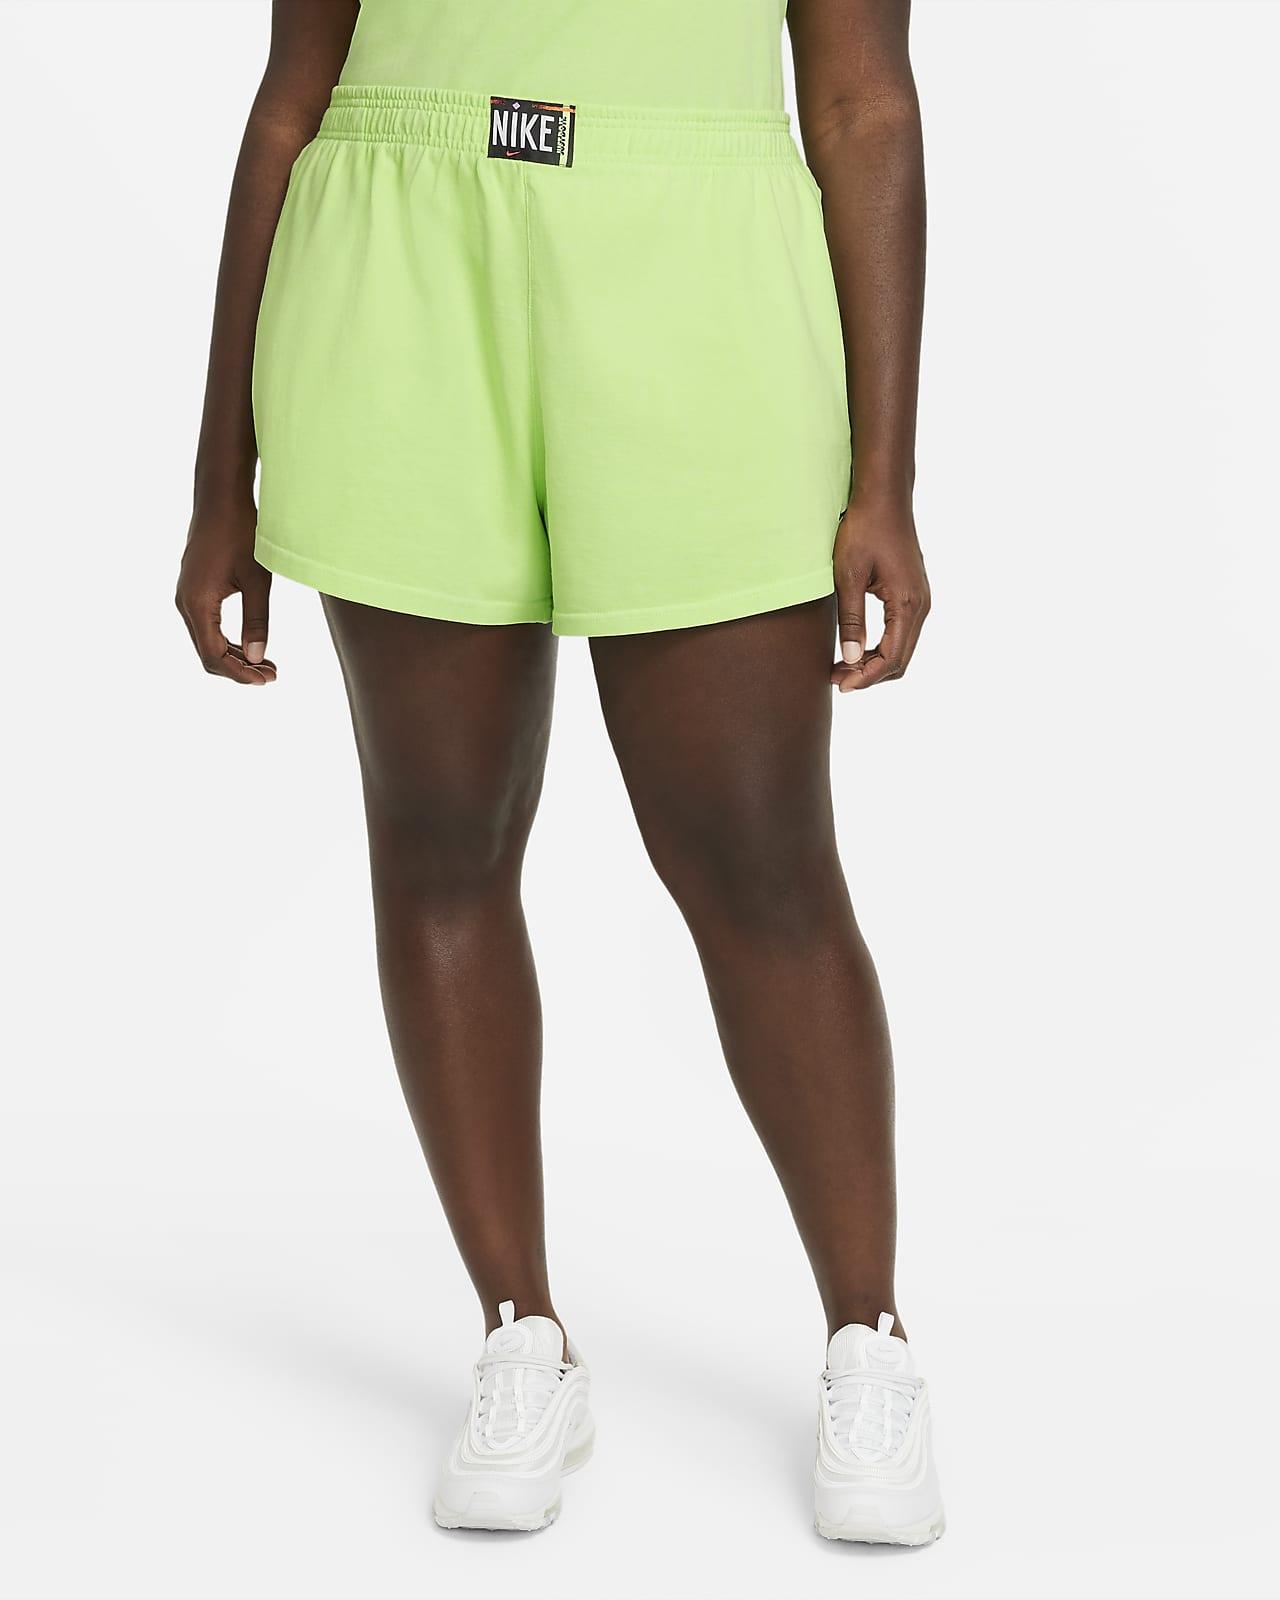 Shorts lavados para mujer Nike Sportswear (talla grande)